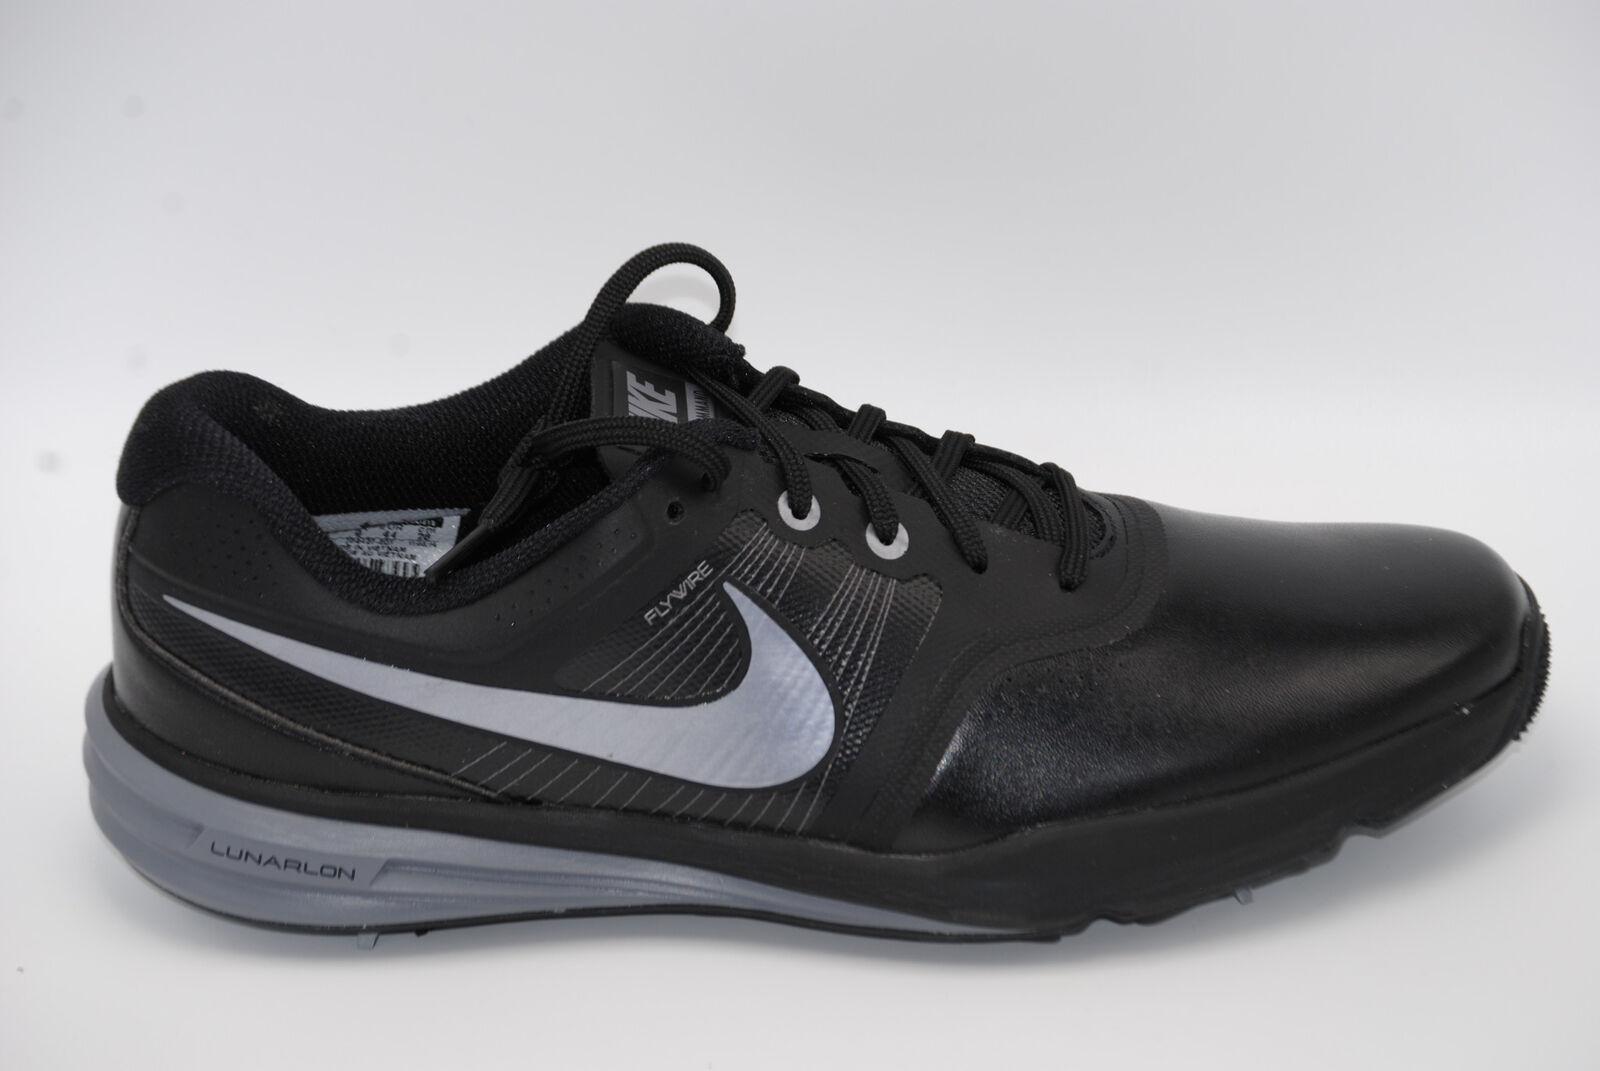 Nike comando lunare uomini scarpe da golf 704427 001 molteplici dimensioni